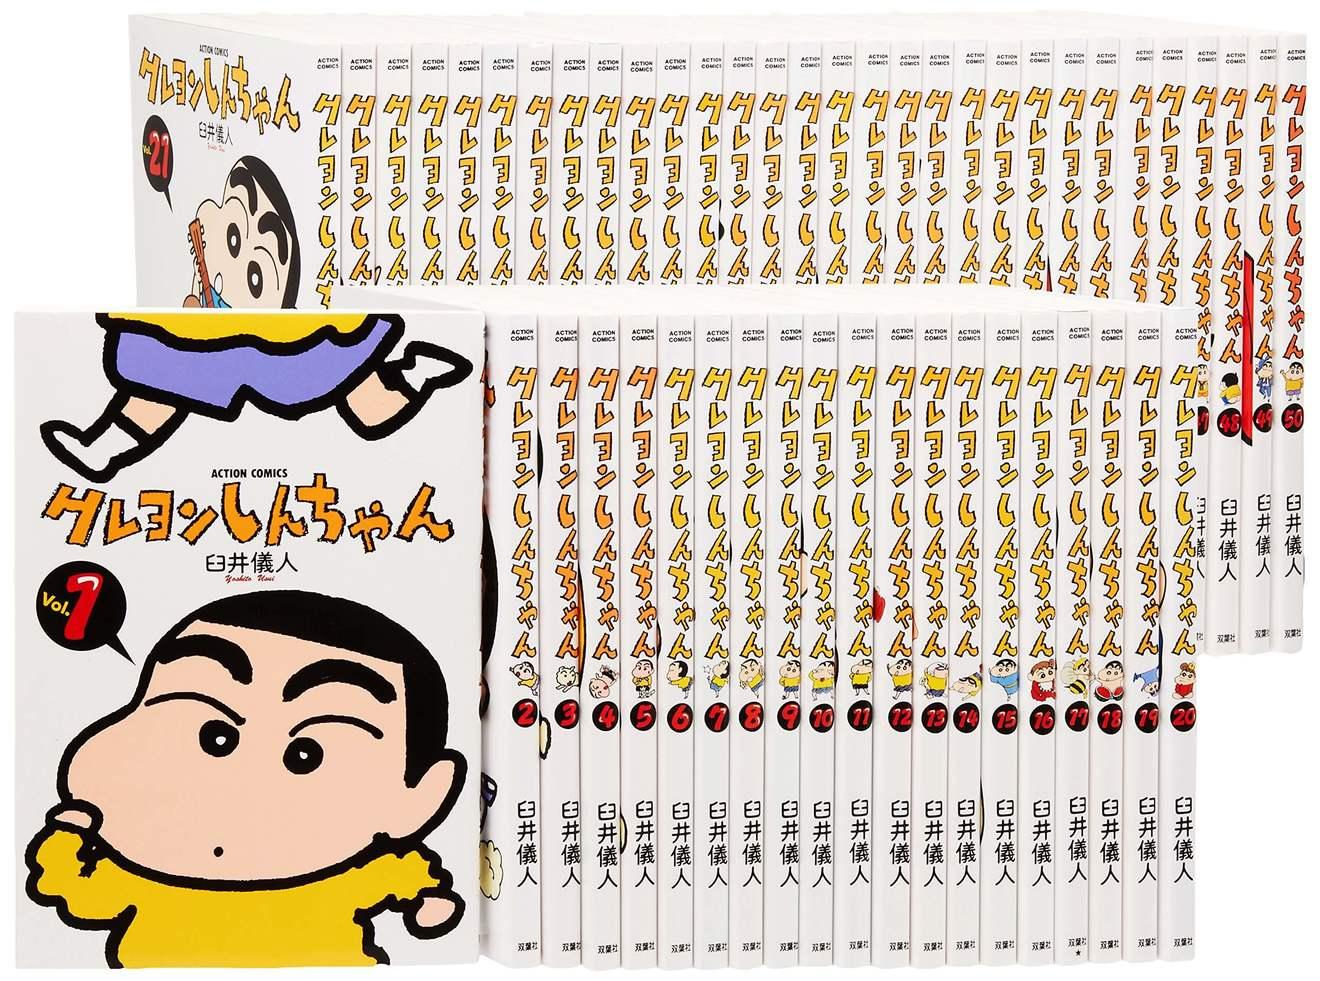 漫画『クレヨンしんちゃん』主要キャラクター24人!懐かしさが蘇える!